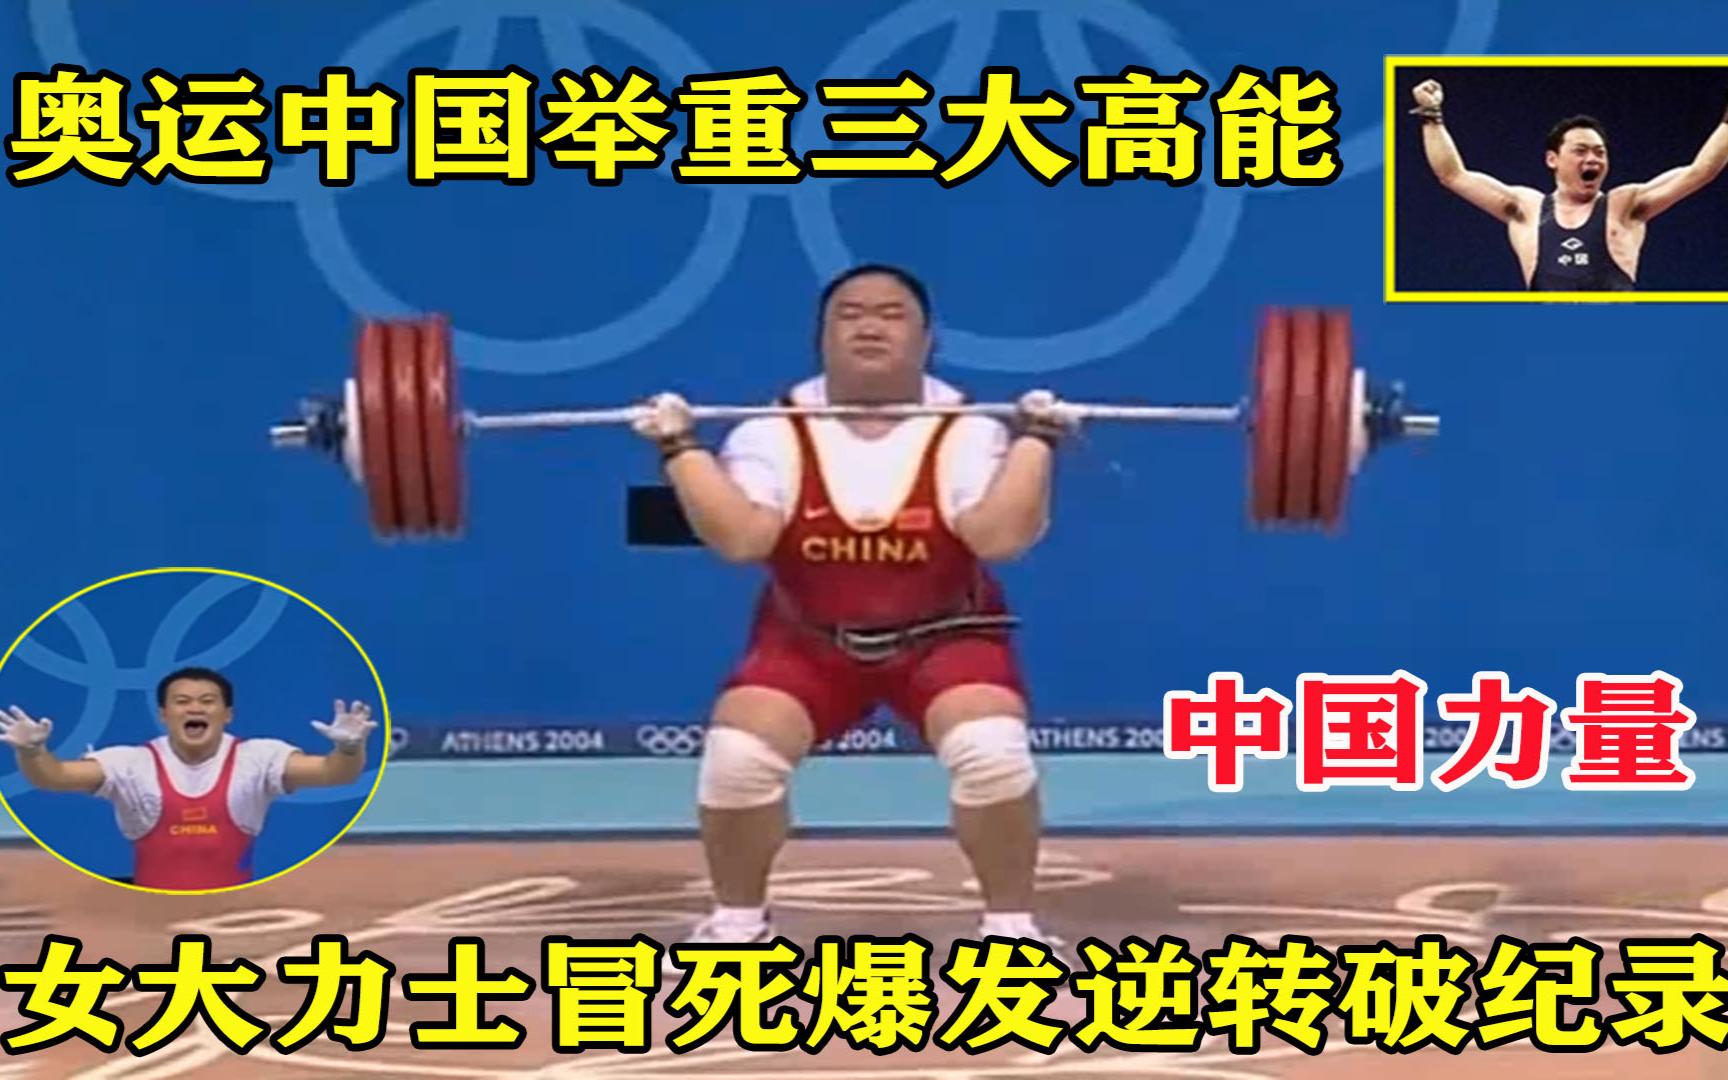 中国骄傲!奥运会举重女大力士冒死爆发绝杀,赛后被送进医院抢救